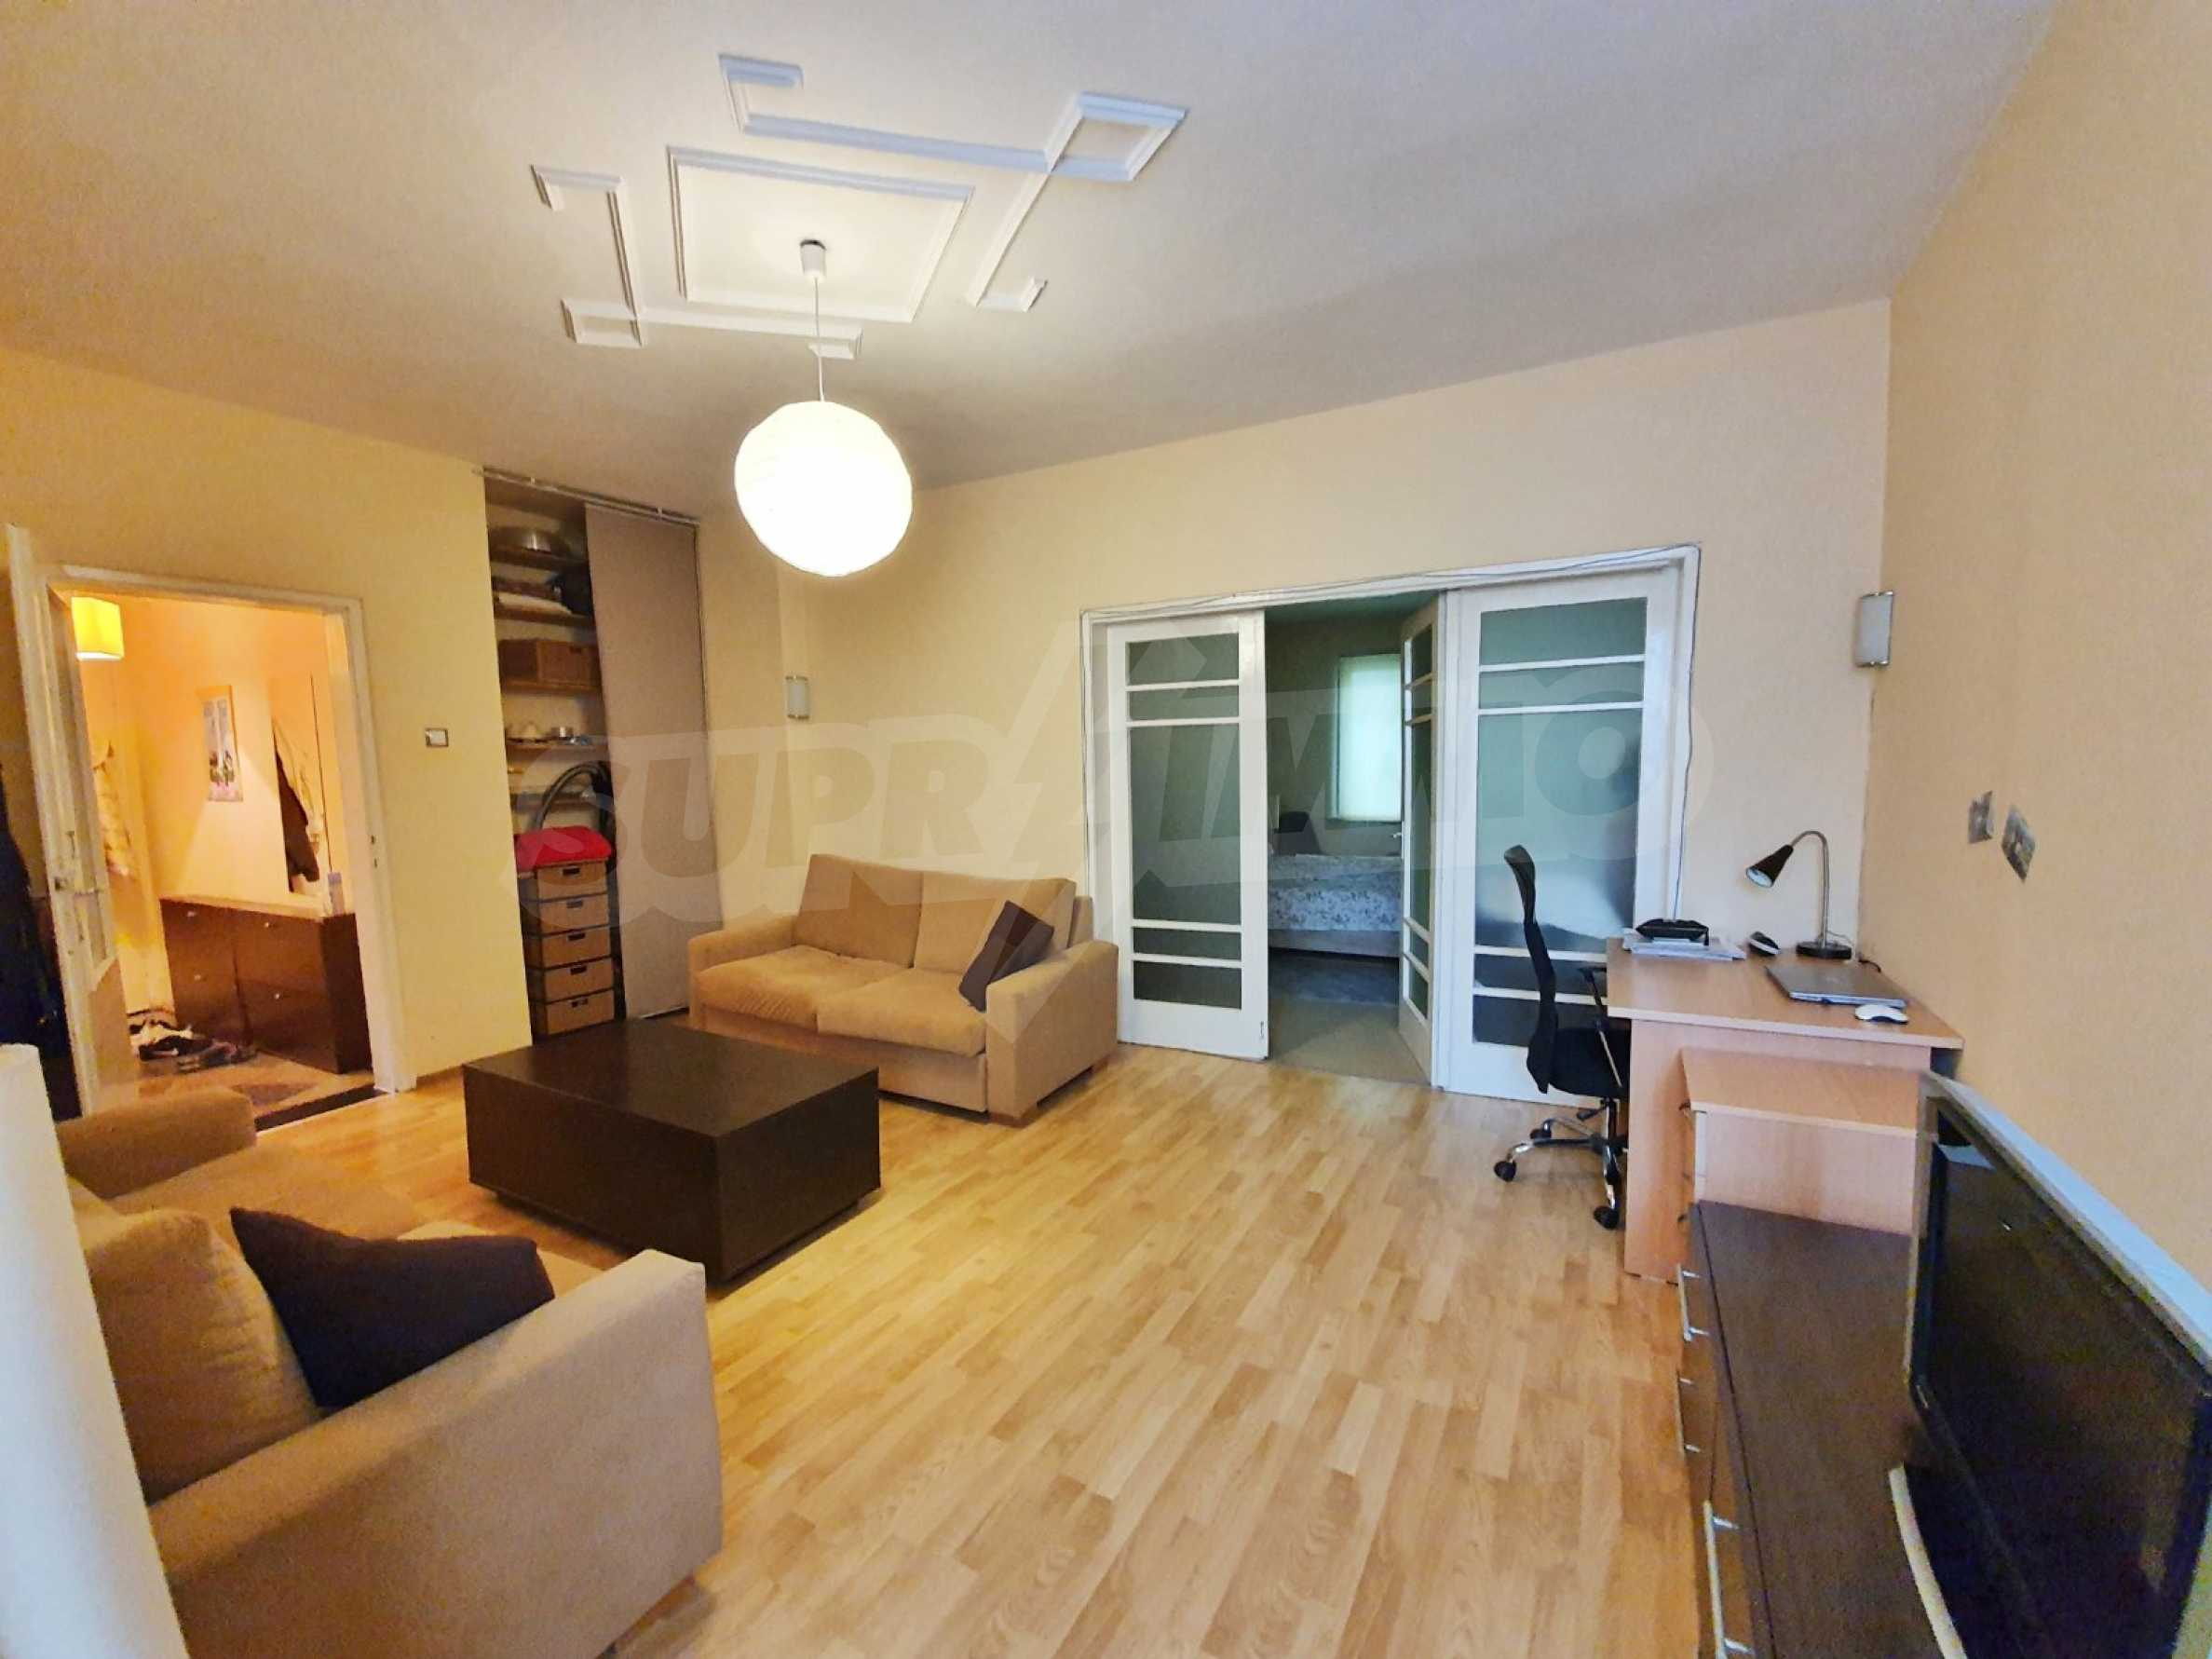 Тристаен апартамент Капитан - под наем в центъра на Варна 1